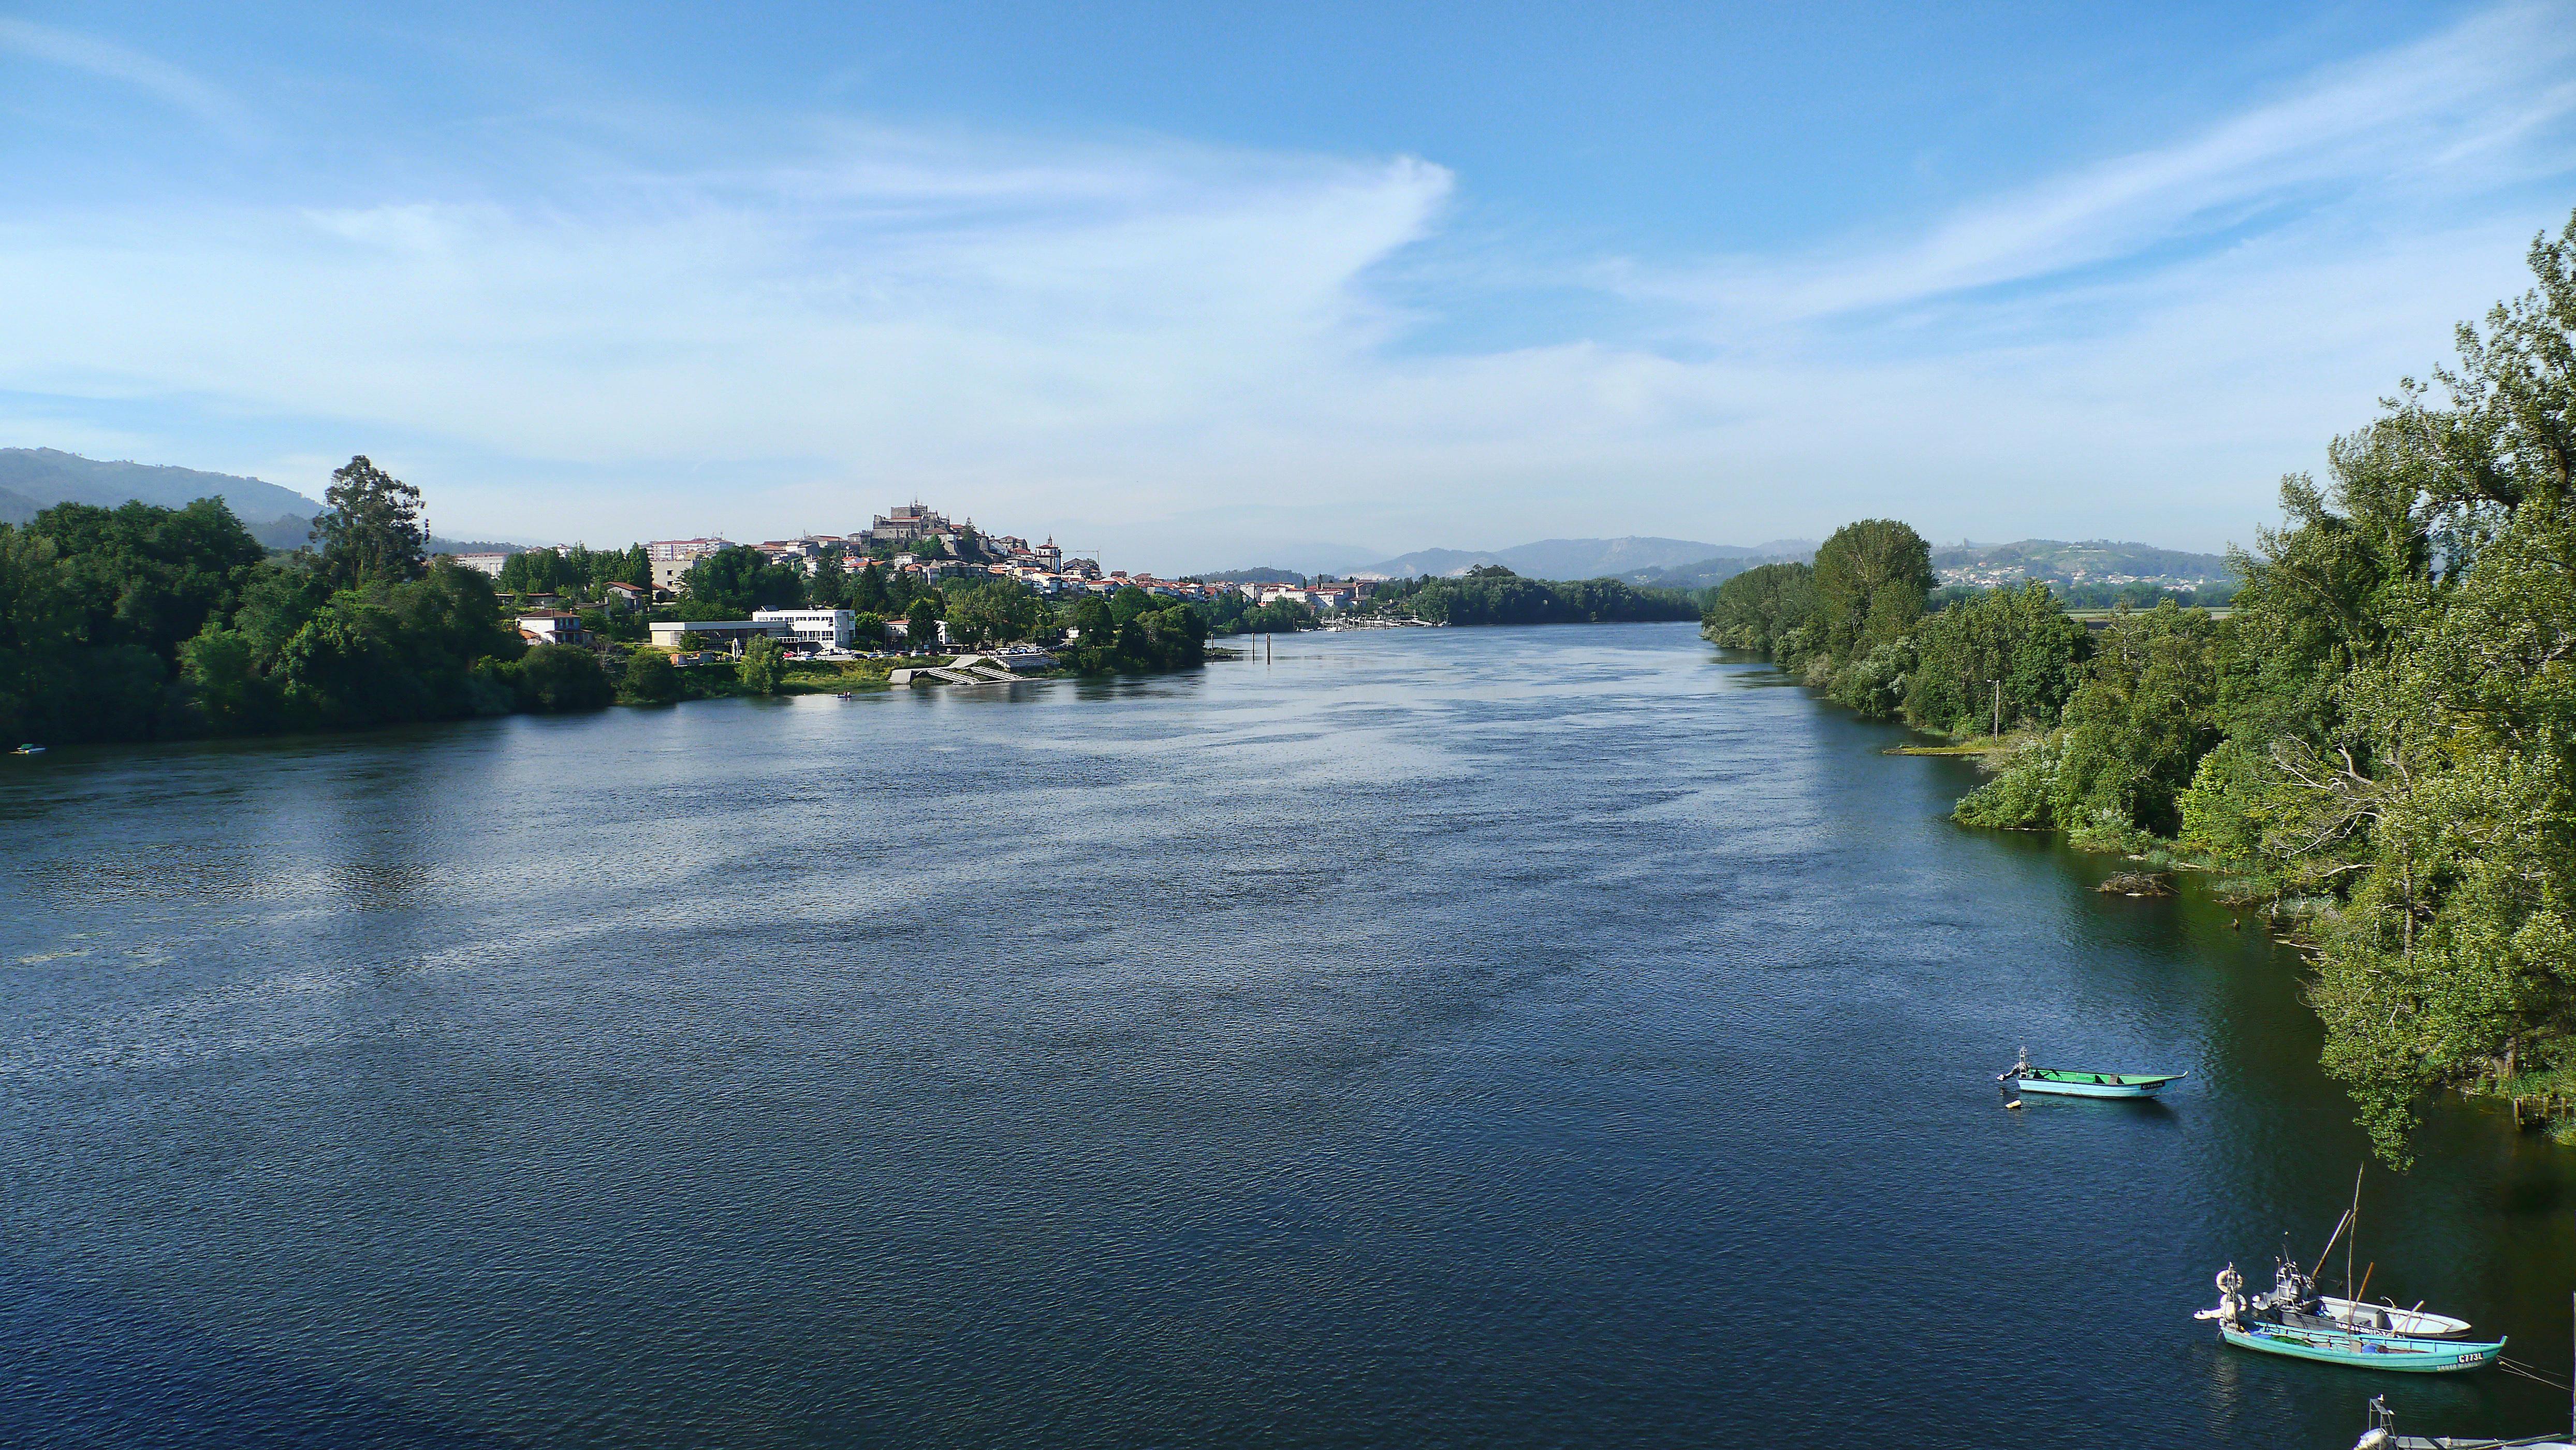 Foto perspectiva rio miño para o comunicado da pandemia do COVID19